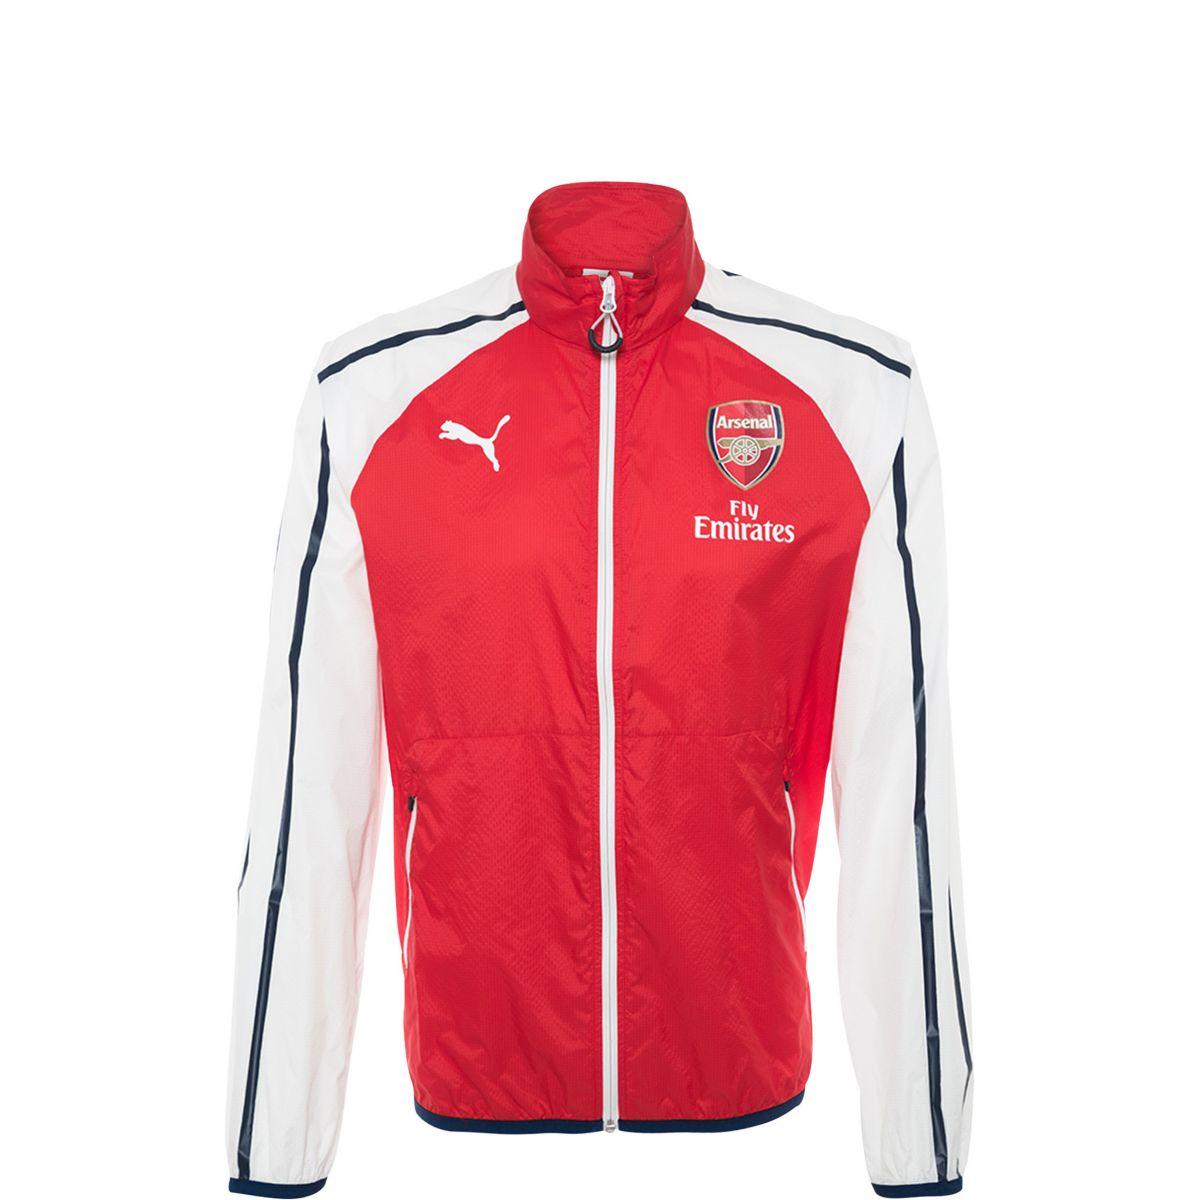 PUMA Arsenal London Anthem Jacke Kinder